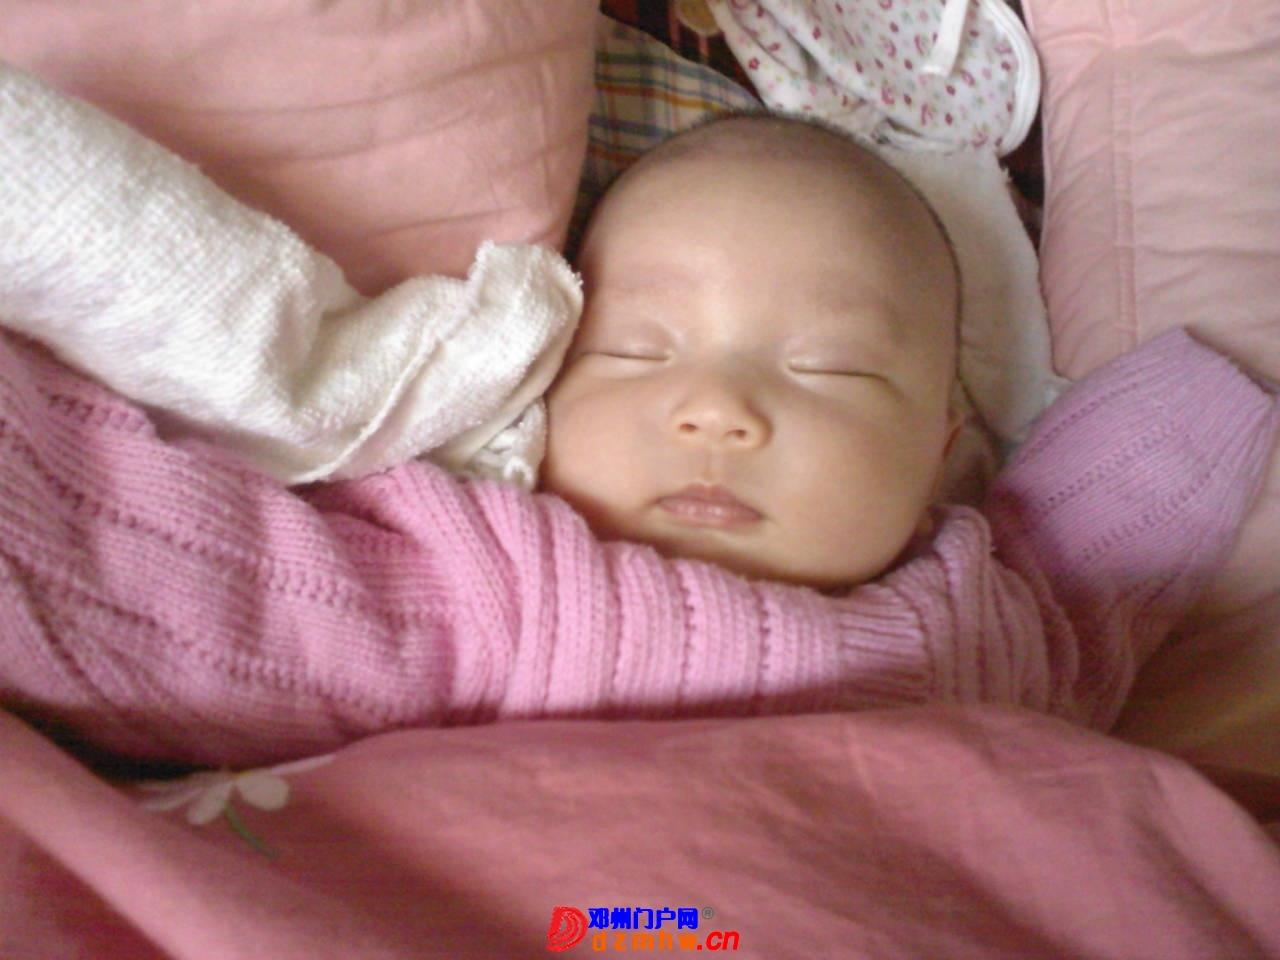 我的宝宝四十六天了,来晒一晒,看谁认识,呵呵 - 邓州门户网 邓州网 - 1e03a2cqfb4c.jpg